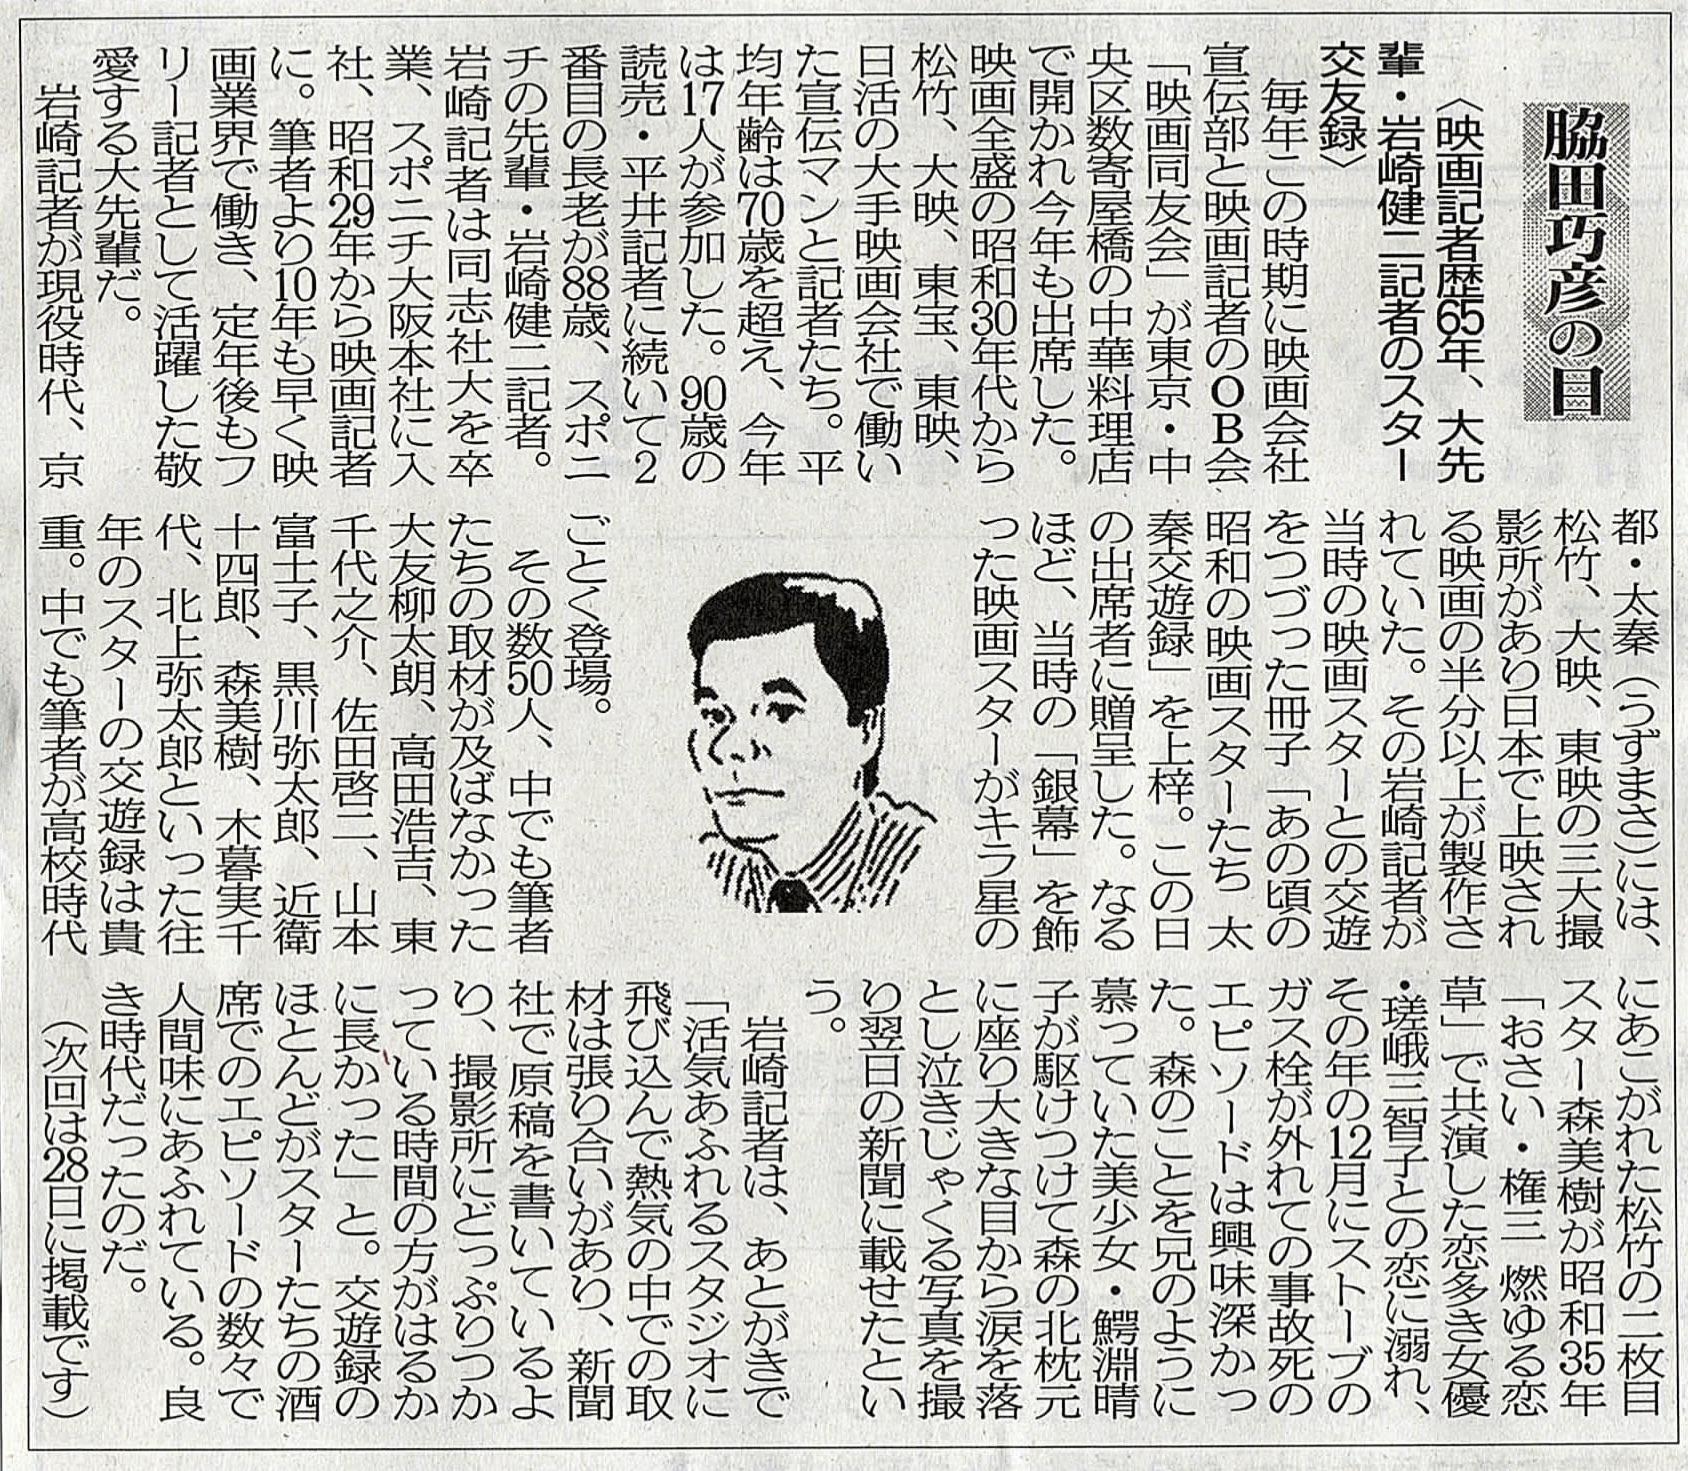 2019年12月14日 映画記者歴65年、大先輩・岩崎健二記者のスター交友録